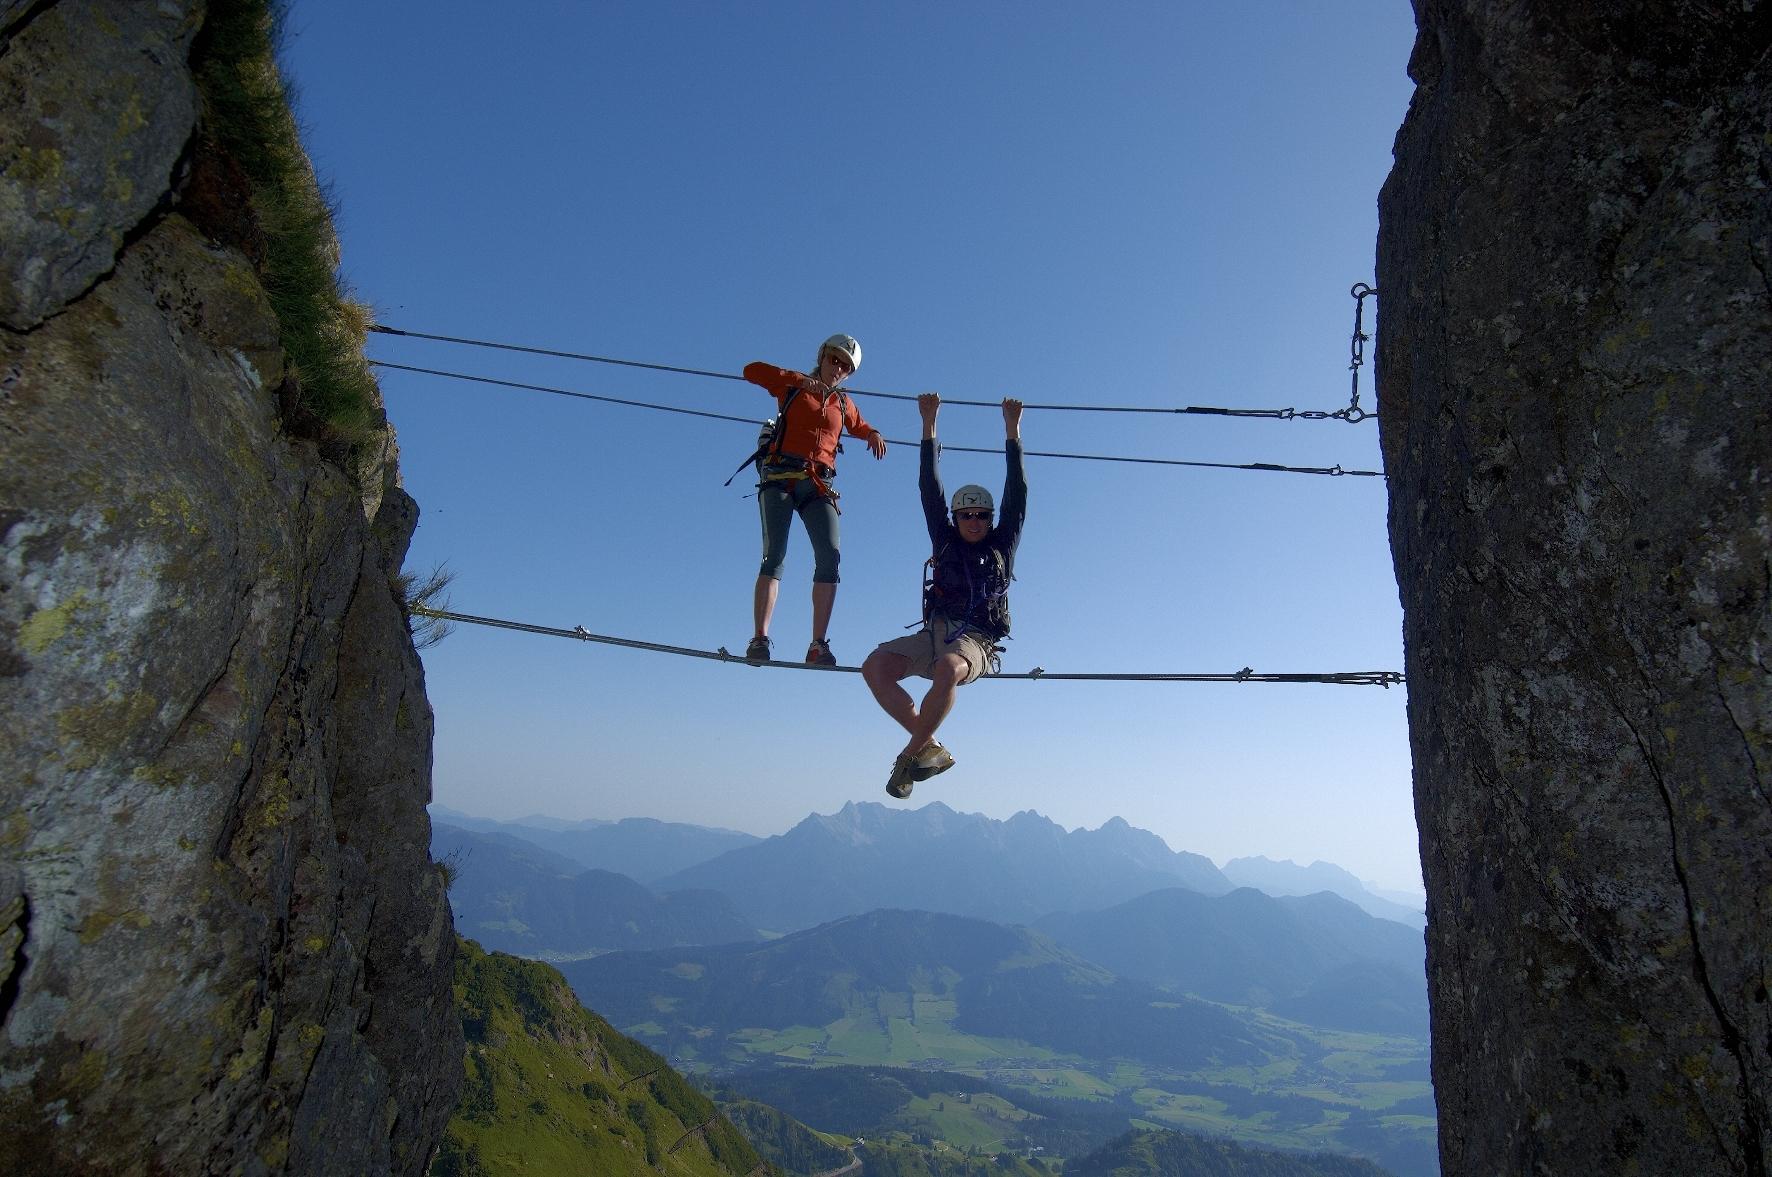 Klettersteig Levels : Sicher am klettersteig mit saac